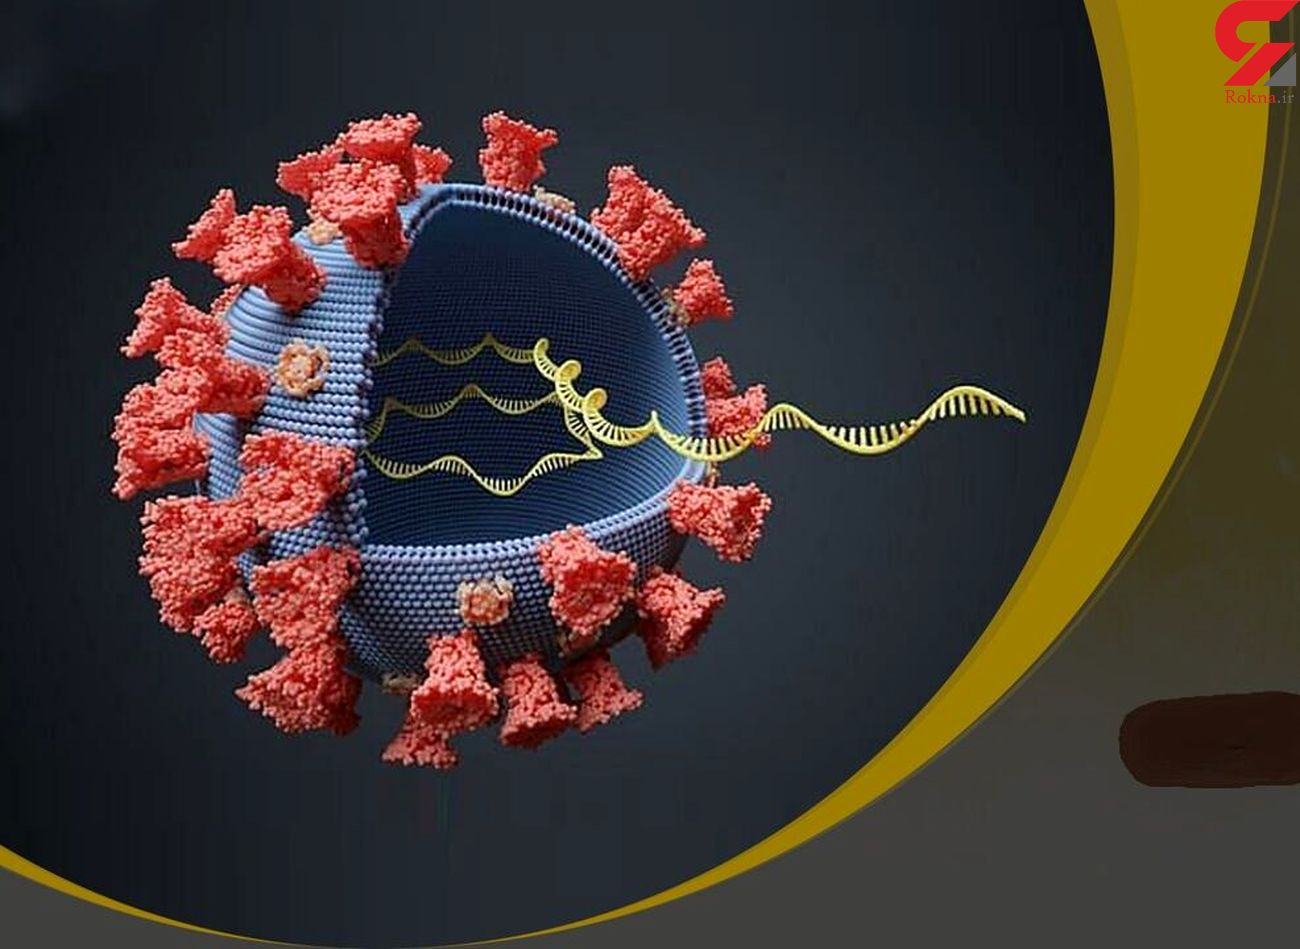 دو نوع جدید از ویروس کرونا در آمریکا شناسایی شد